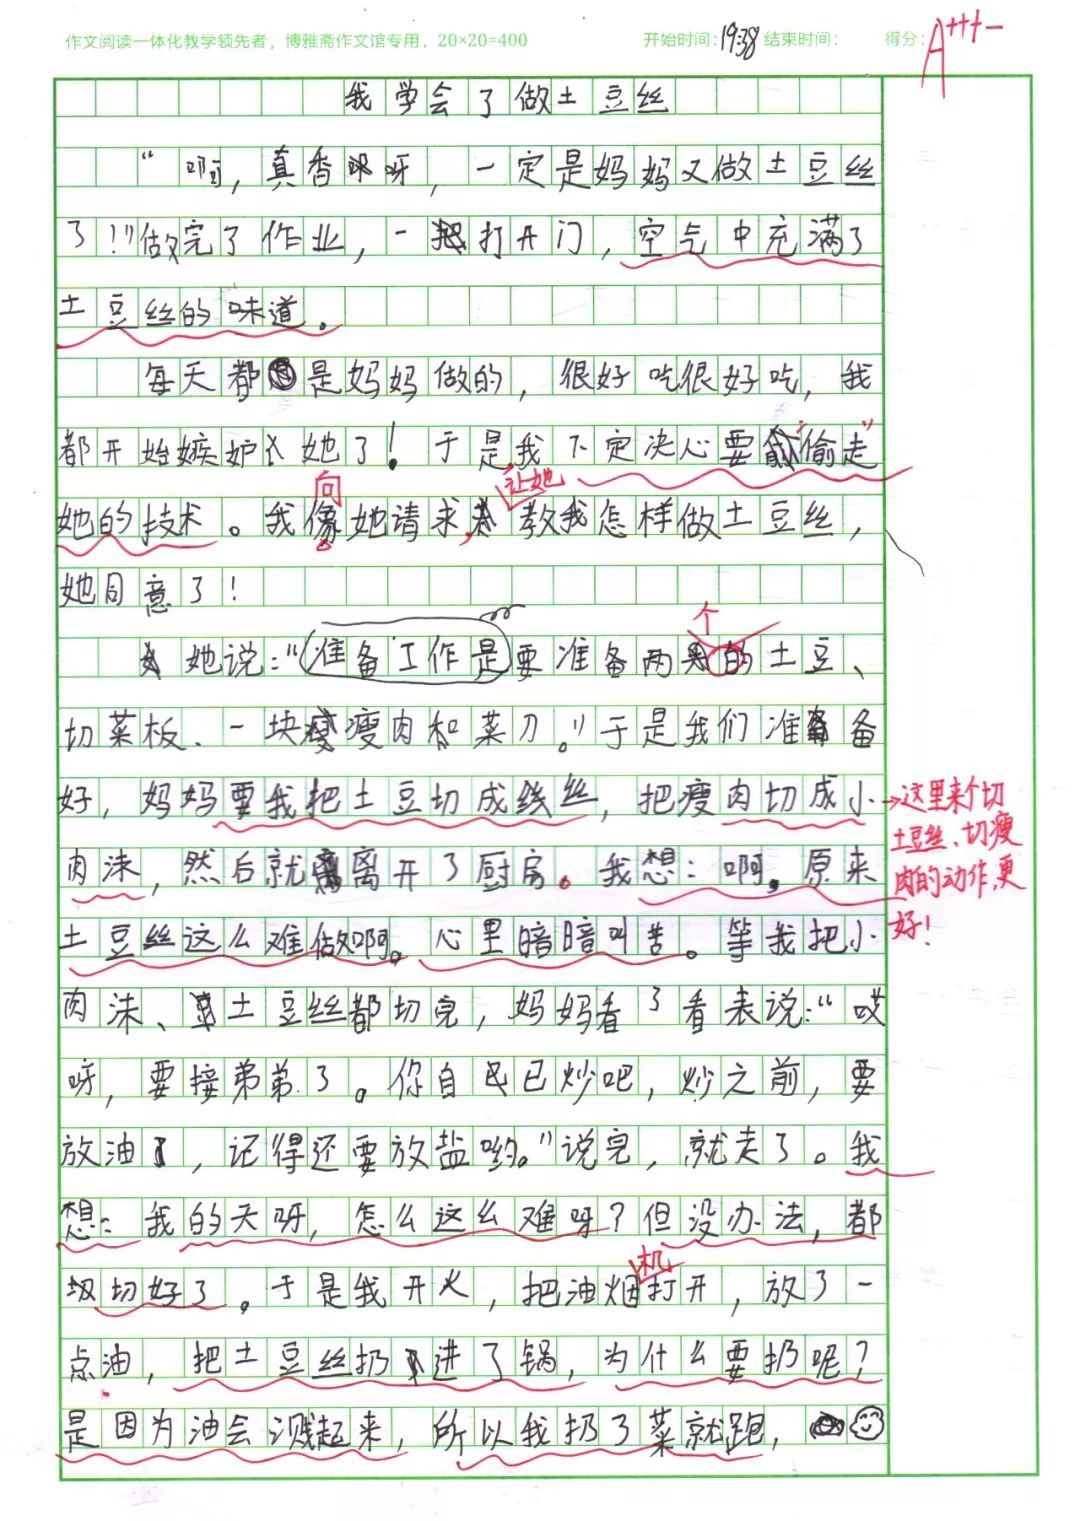 我学会了吹葫芦丝   王燿宸   深圳耀华实验学校三(t6)班   我学会了做土豆丝   张若琳   荔园外国语西校区三(4)班